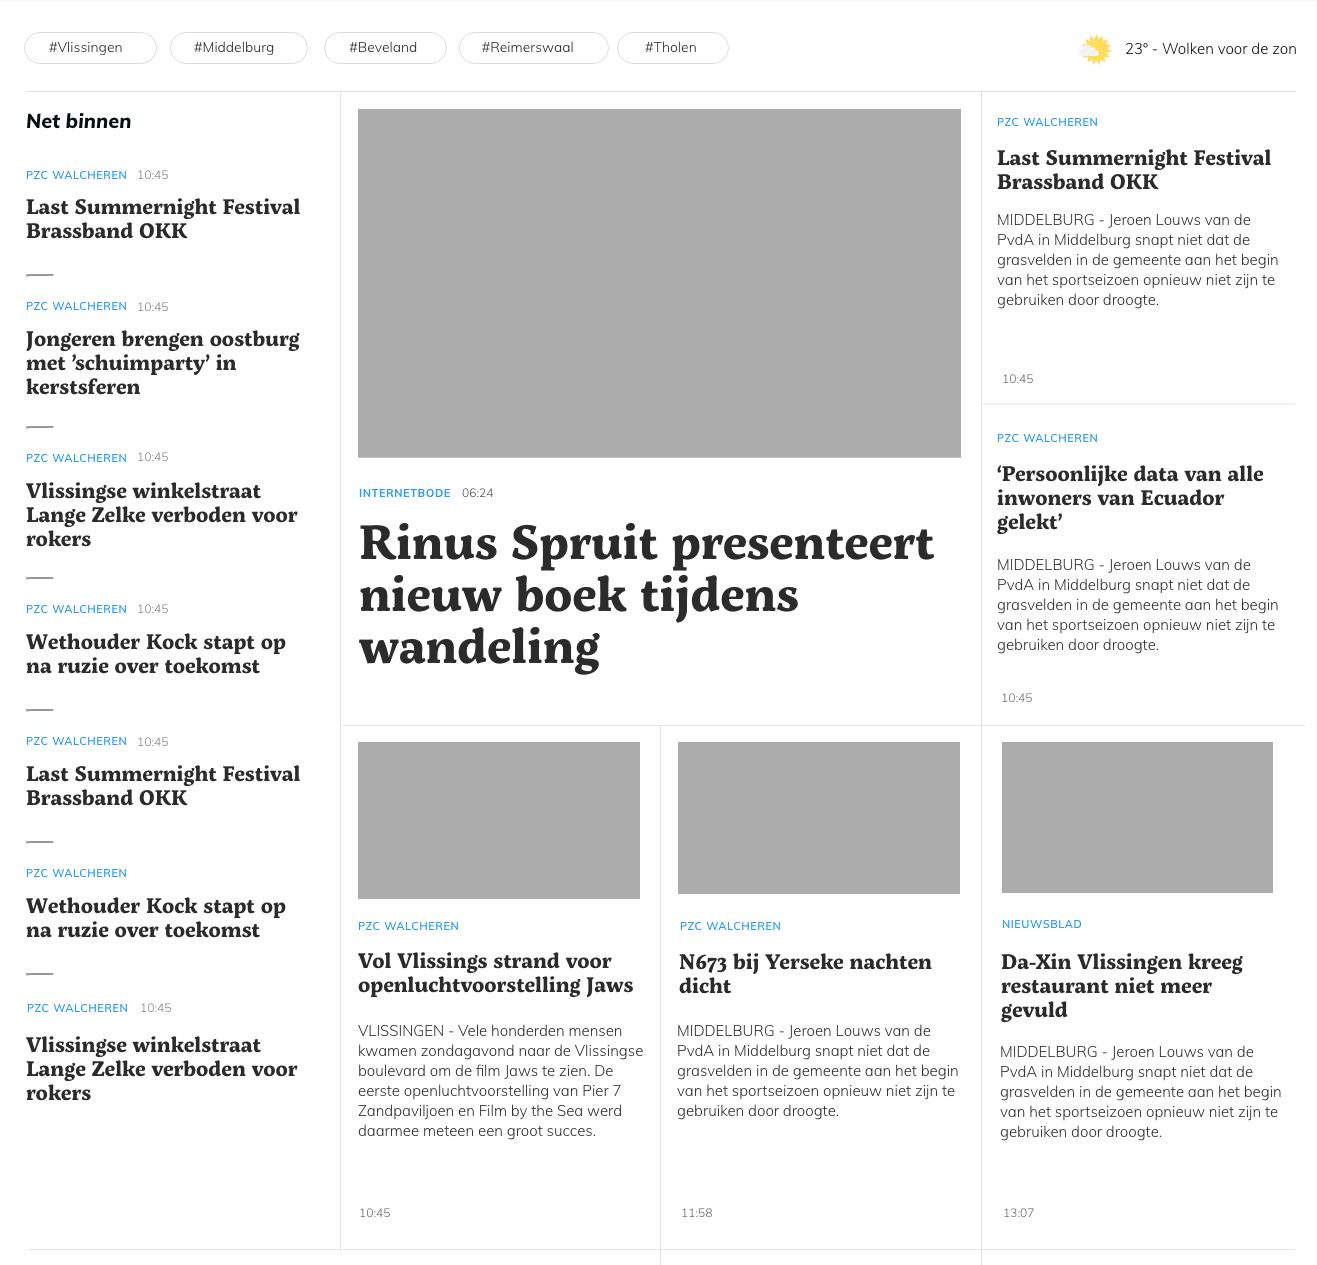 Методы создания газетного макета с помощью CSS-сетки и границ между элементами